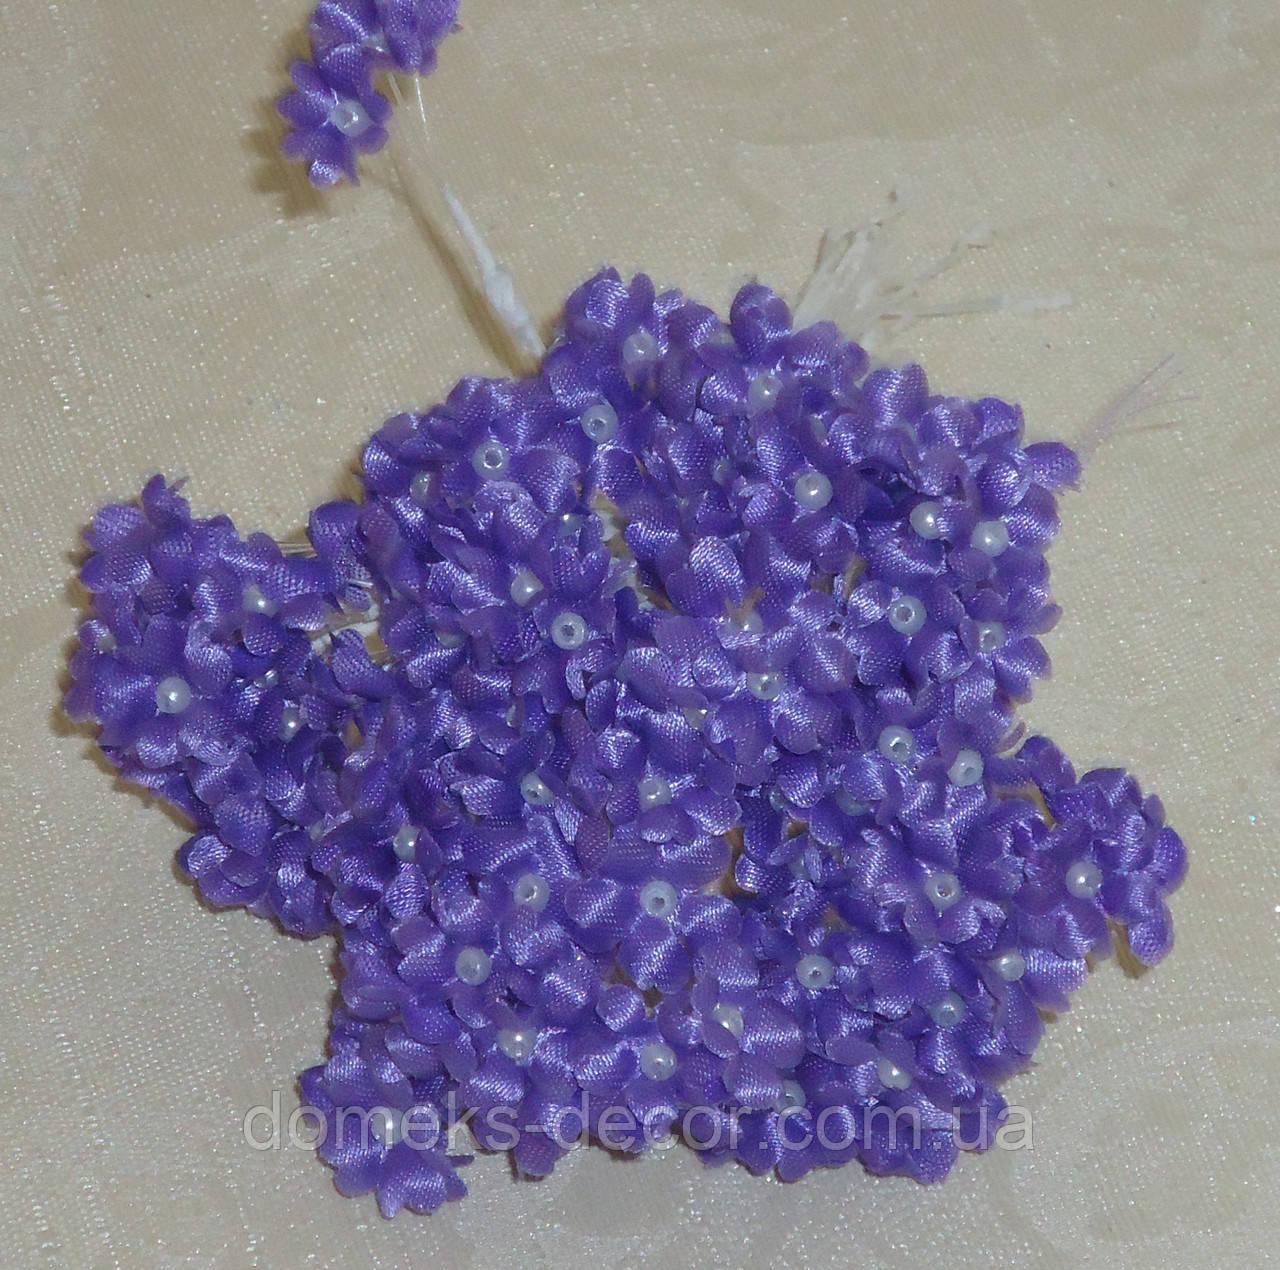 Бутоньерка незабудки фиолетовой ткань 10 шт